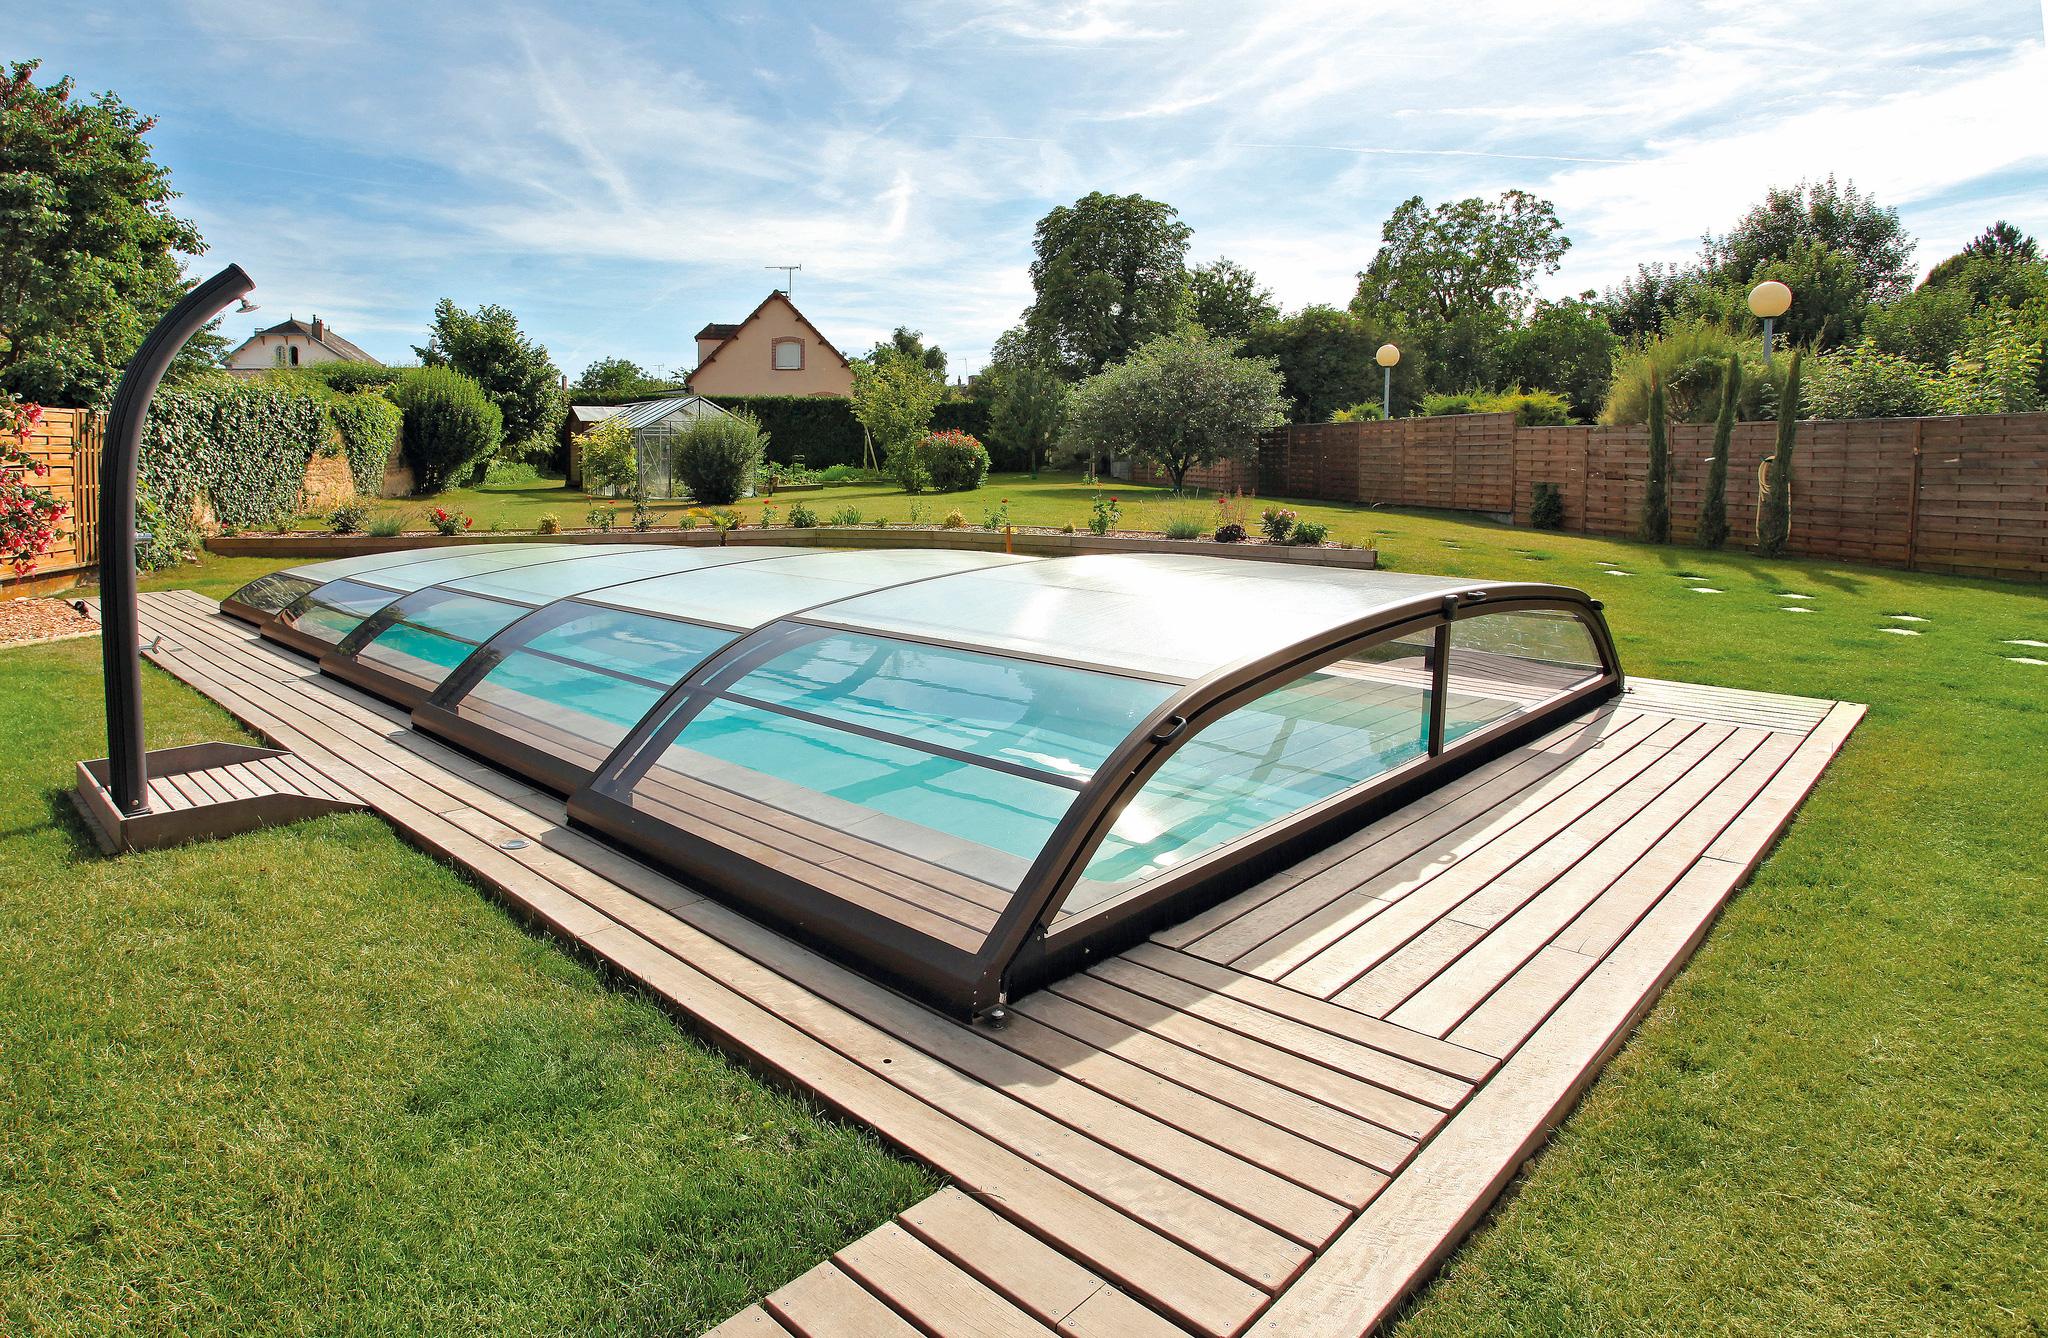 Faq pool ausstattung desjoyaux pools for Gartenpool pflege